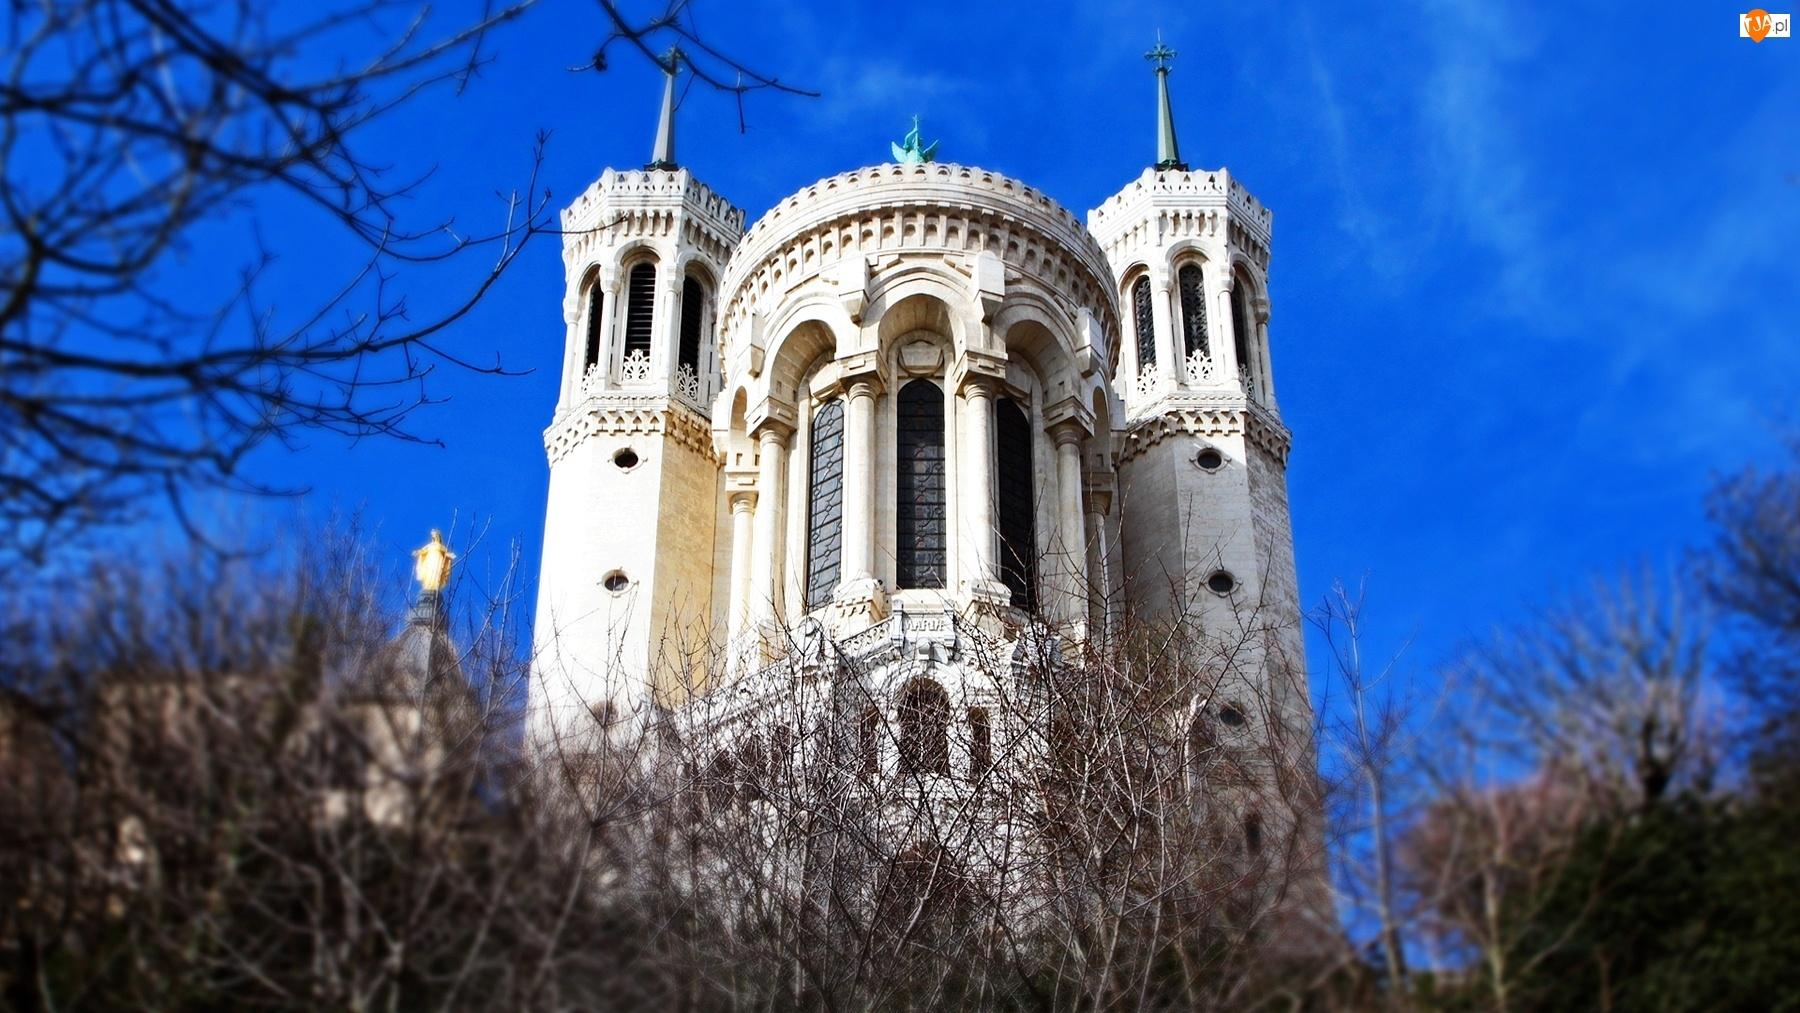 Katedra, Francja, Notre Dame, Paryż